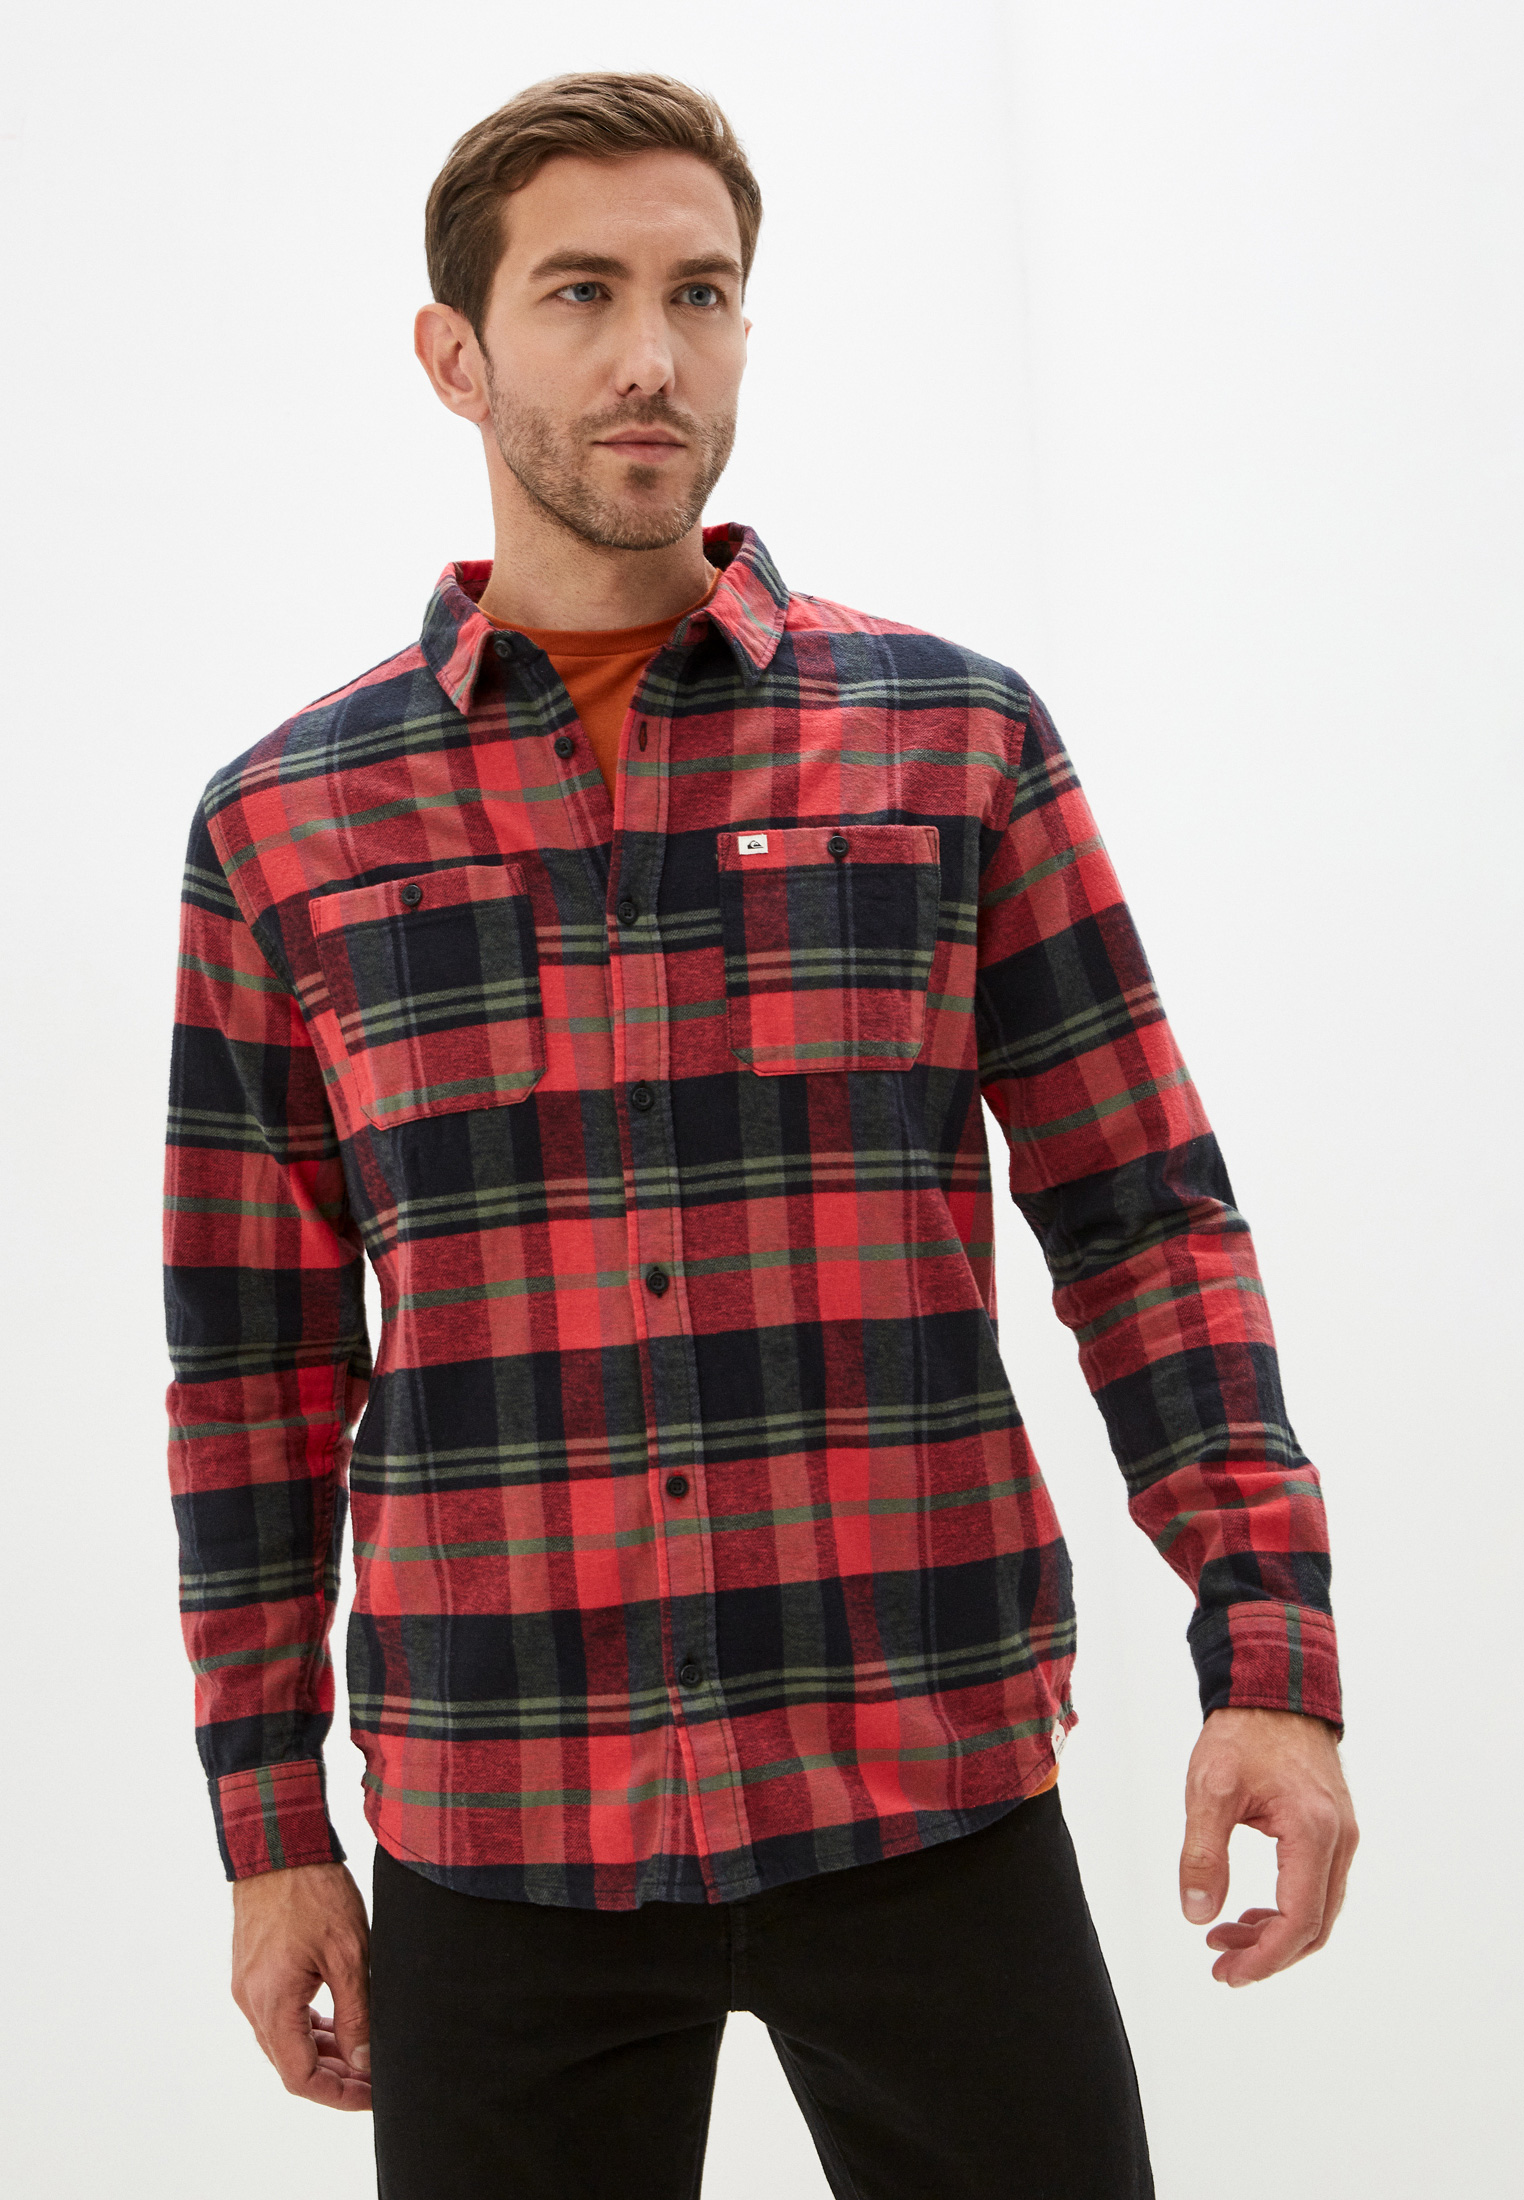 Рубашка Quiksilver (Квиксильвер) Рубашка Quiksilver